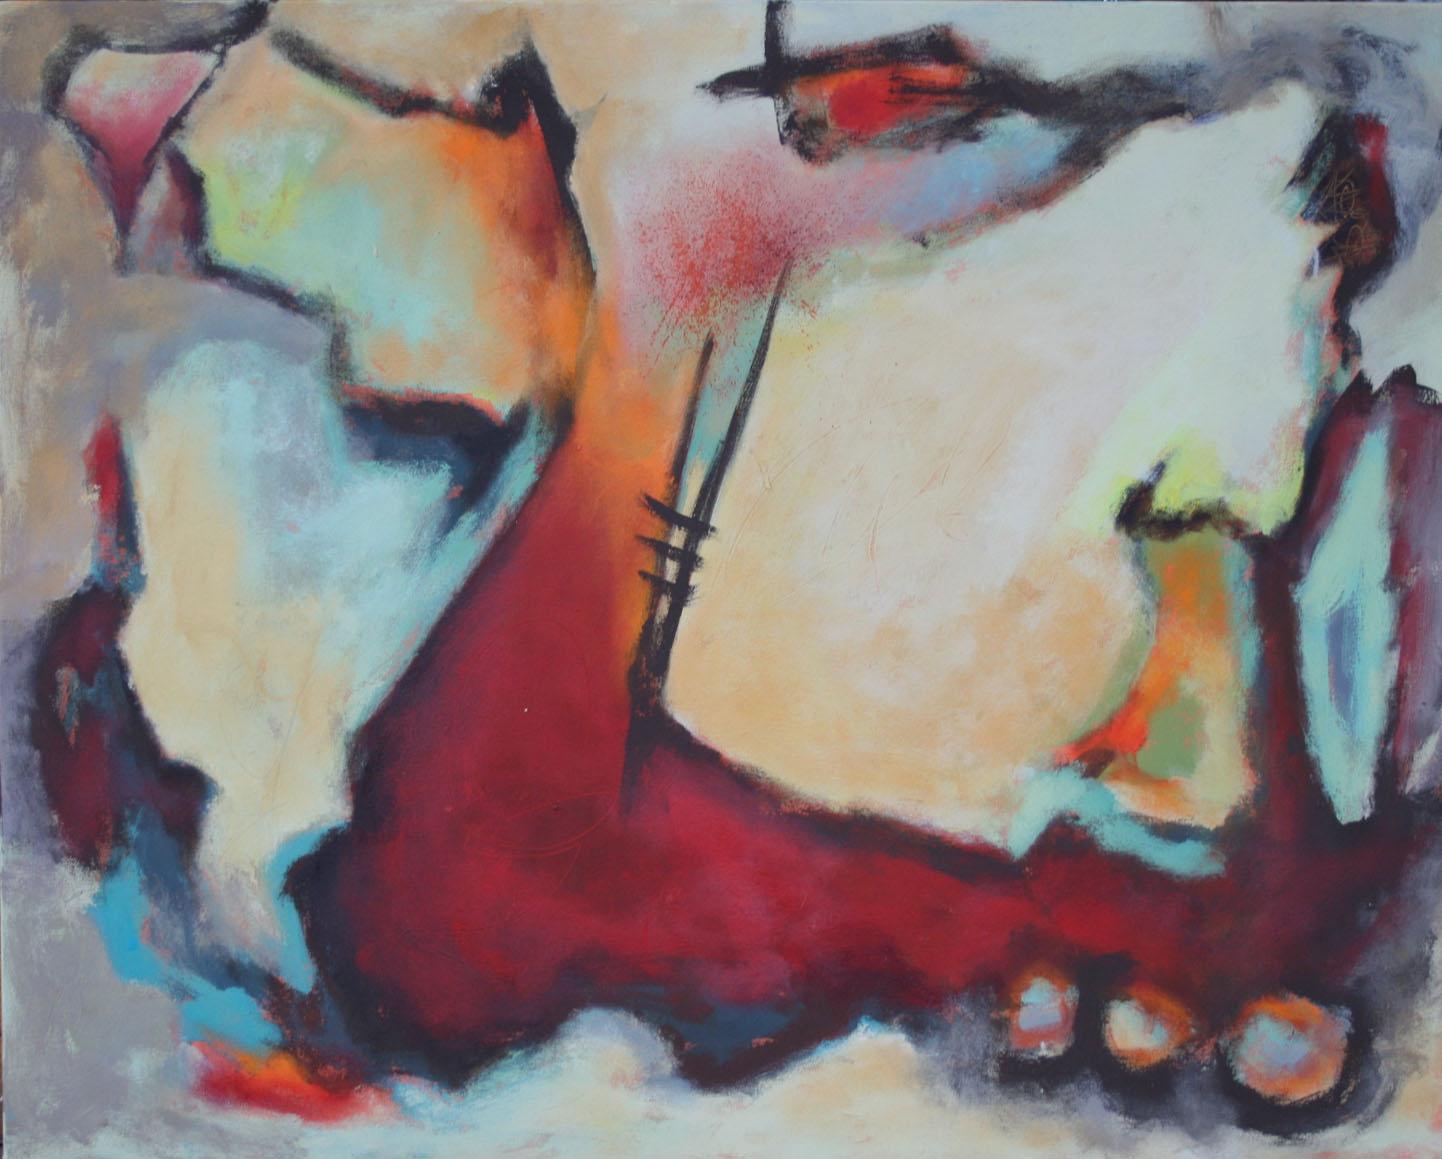 Echo, Öl und Acryl auf Leinwand, 80 x 100 cm